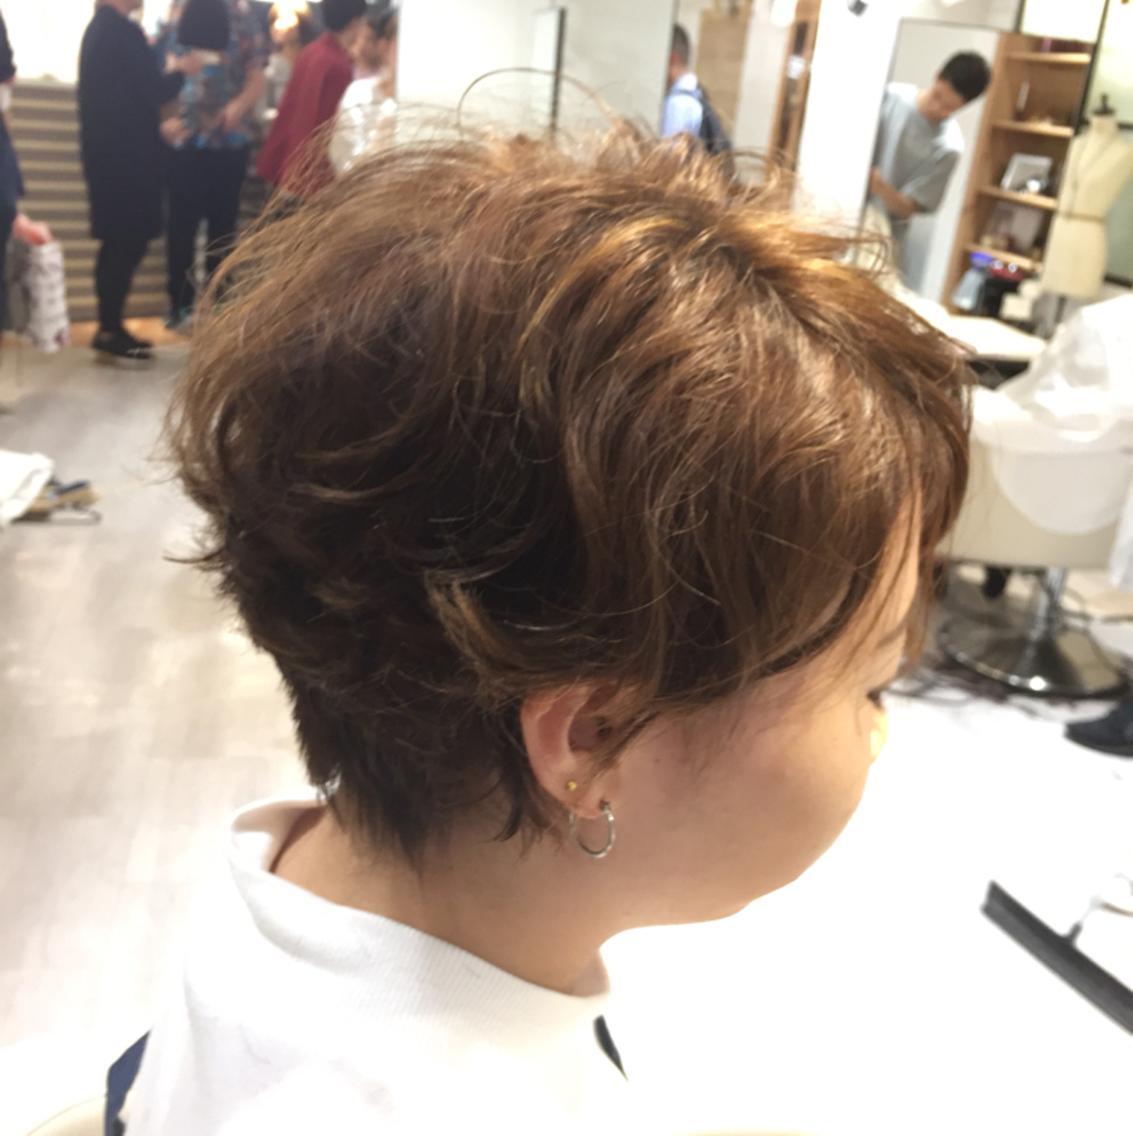 hairs b×3所属・金井 巧の掲載